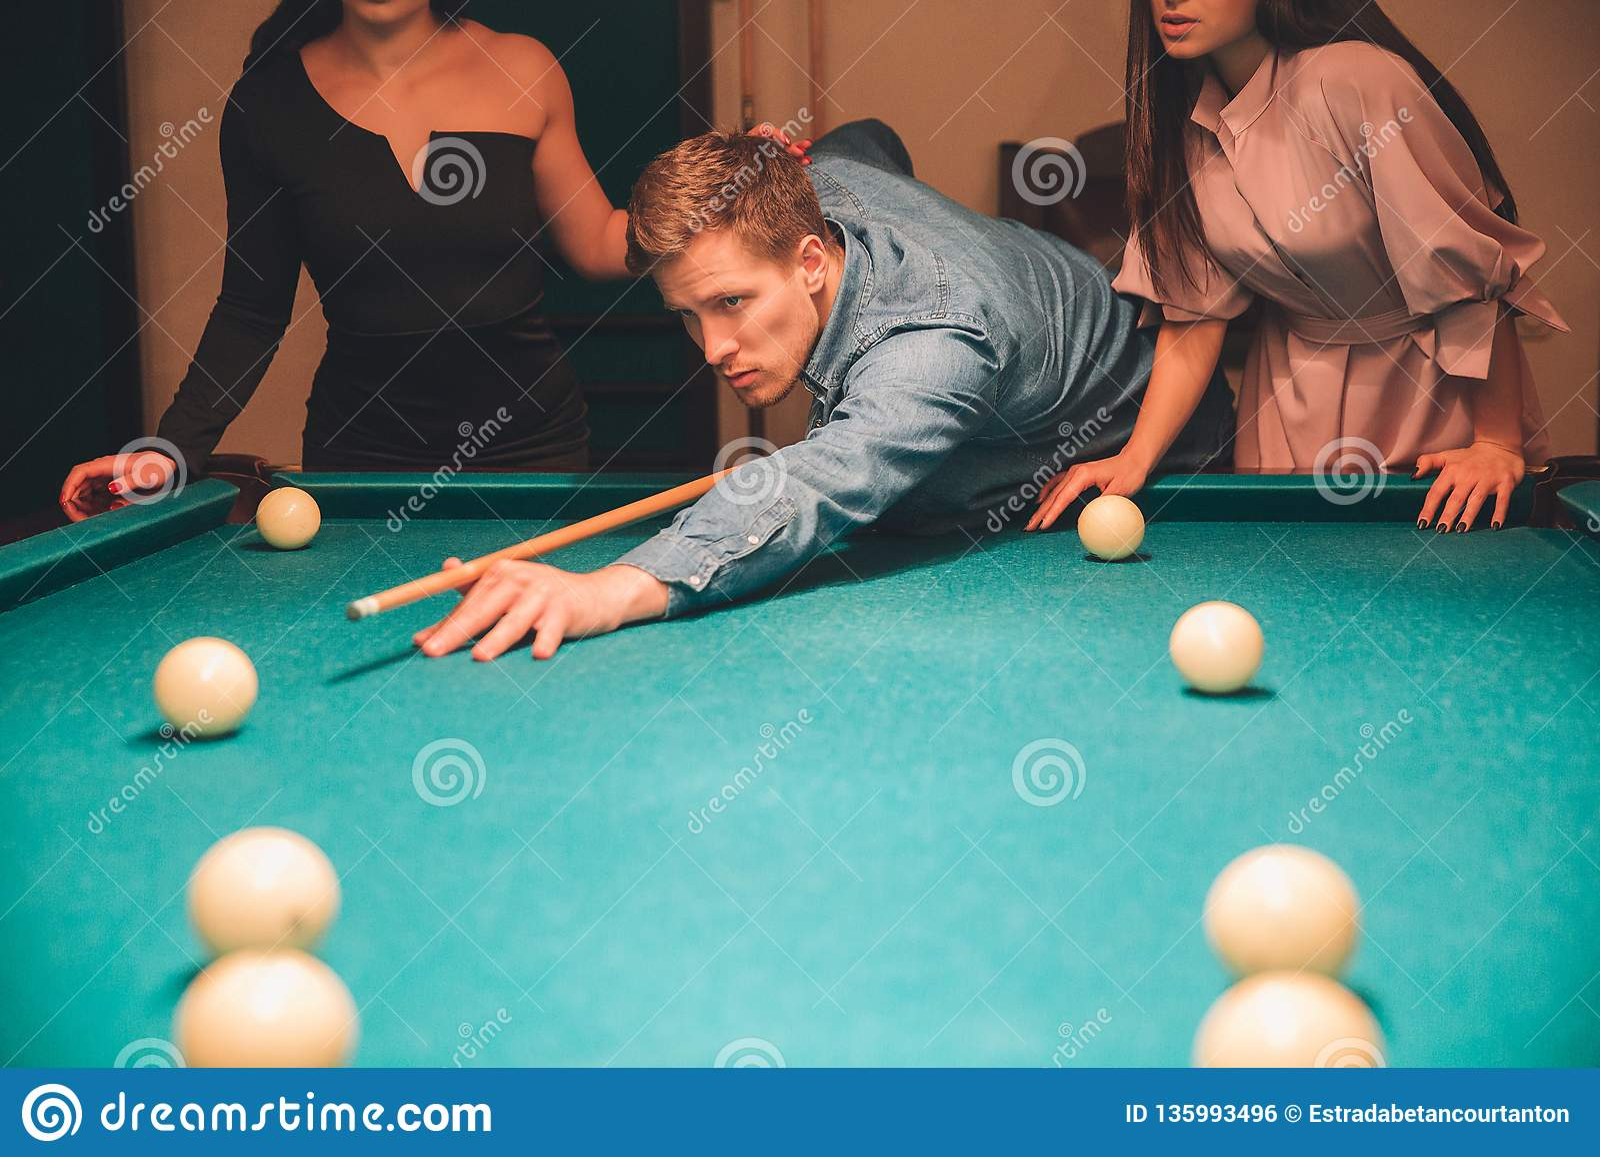 Coupez la vue du jeune homme semblant concentrée Il visant dans la boule de billard Deux modèles minces se tiennent derrière lui